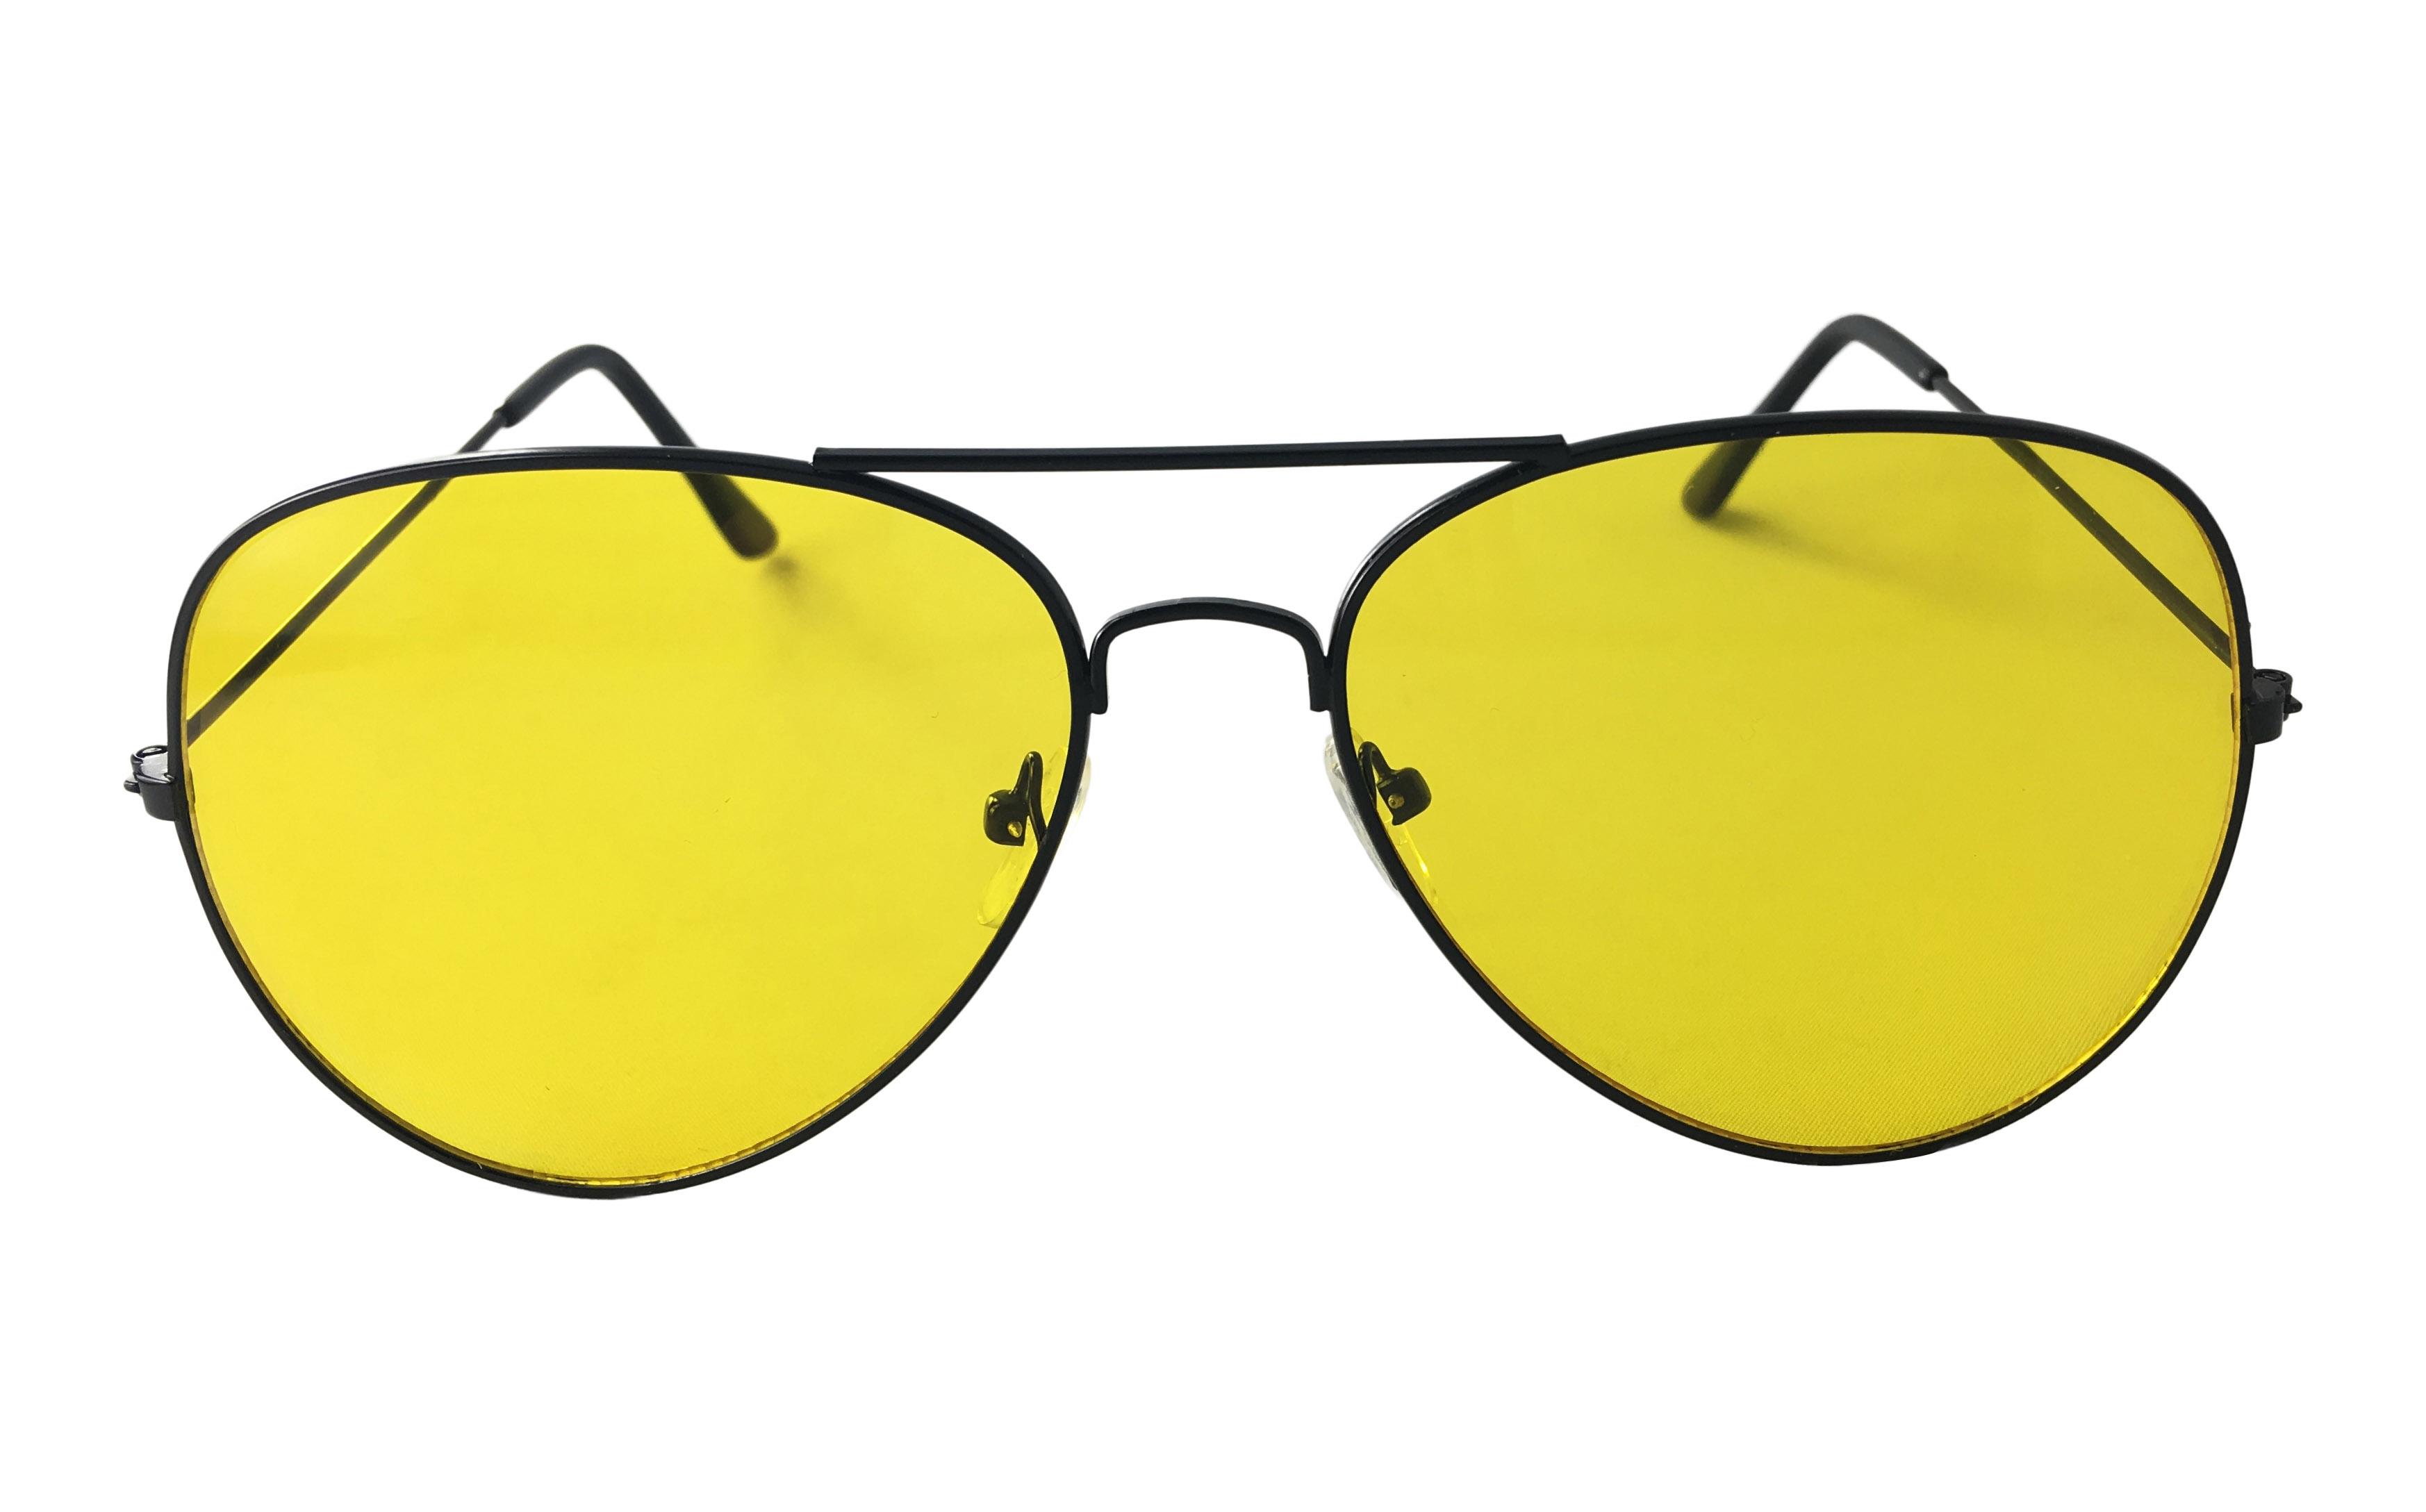 361d792dc7c8 Sort aviator solbrille med gult glas ( Natbrille ) - Design nr. 3294